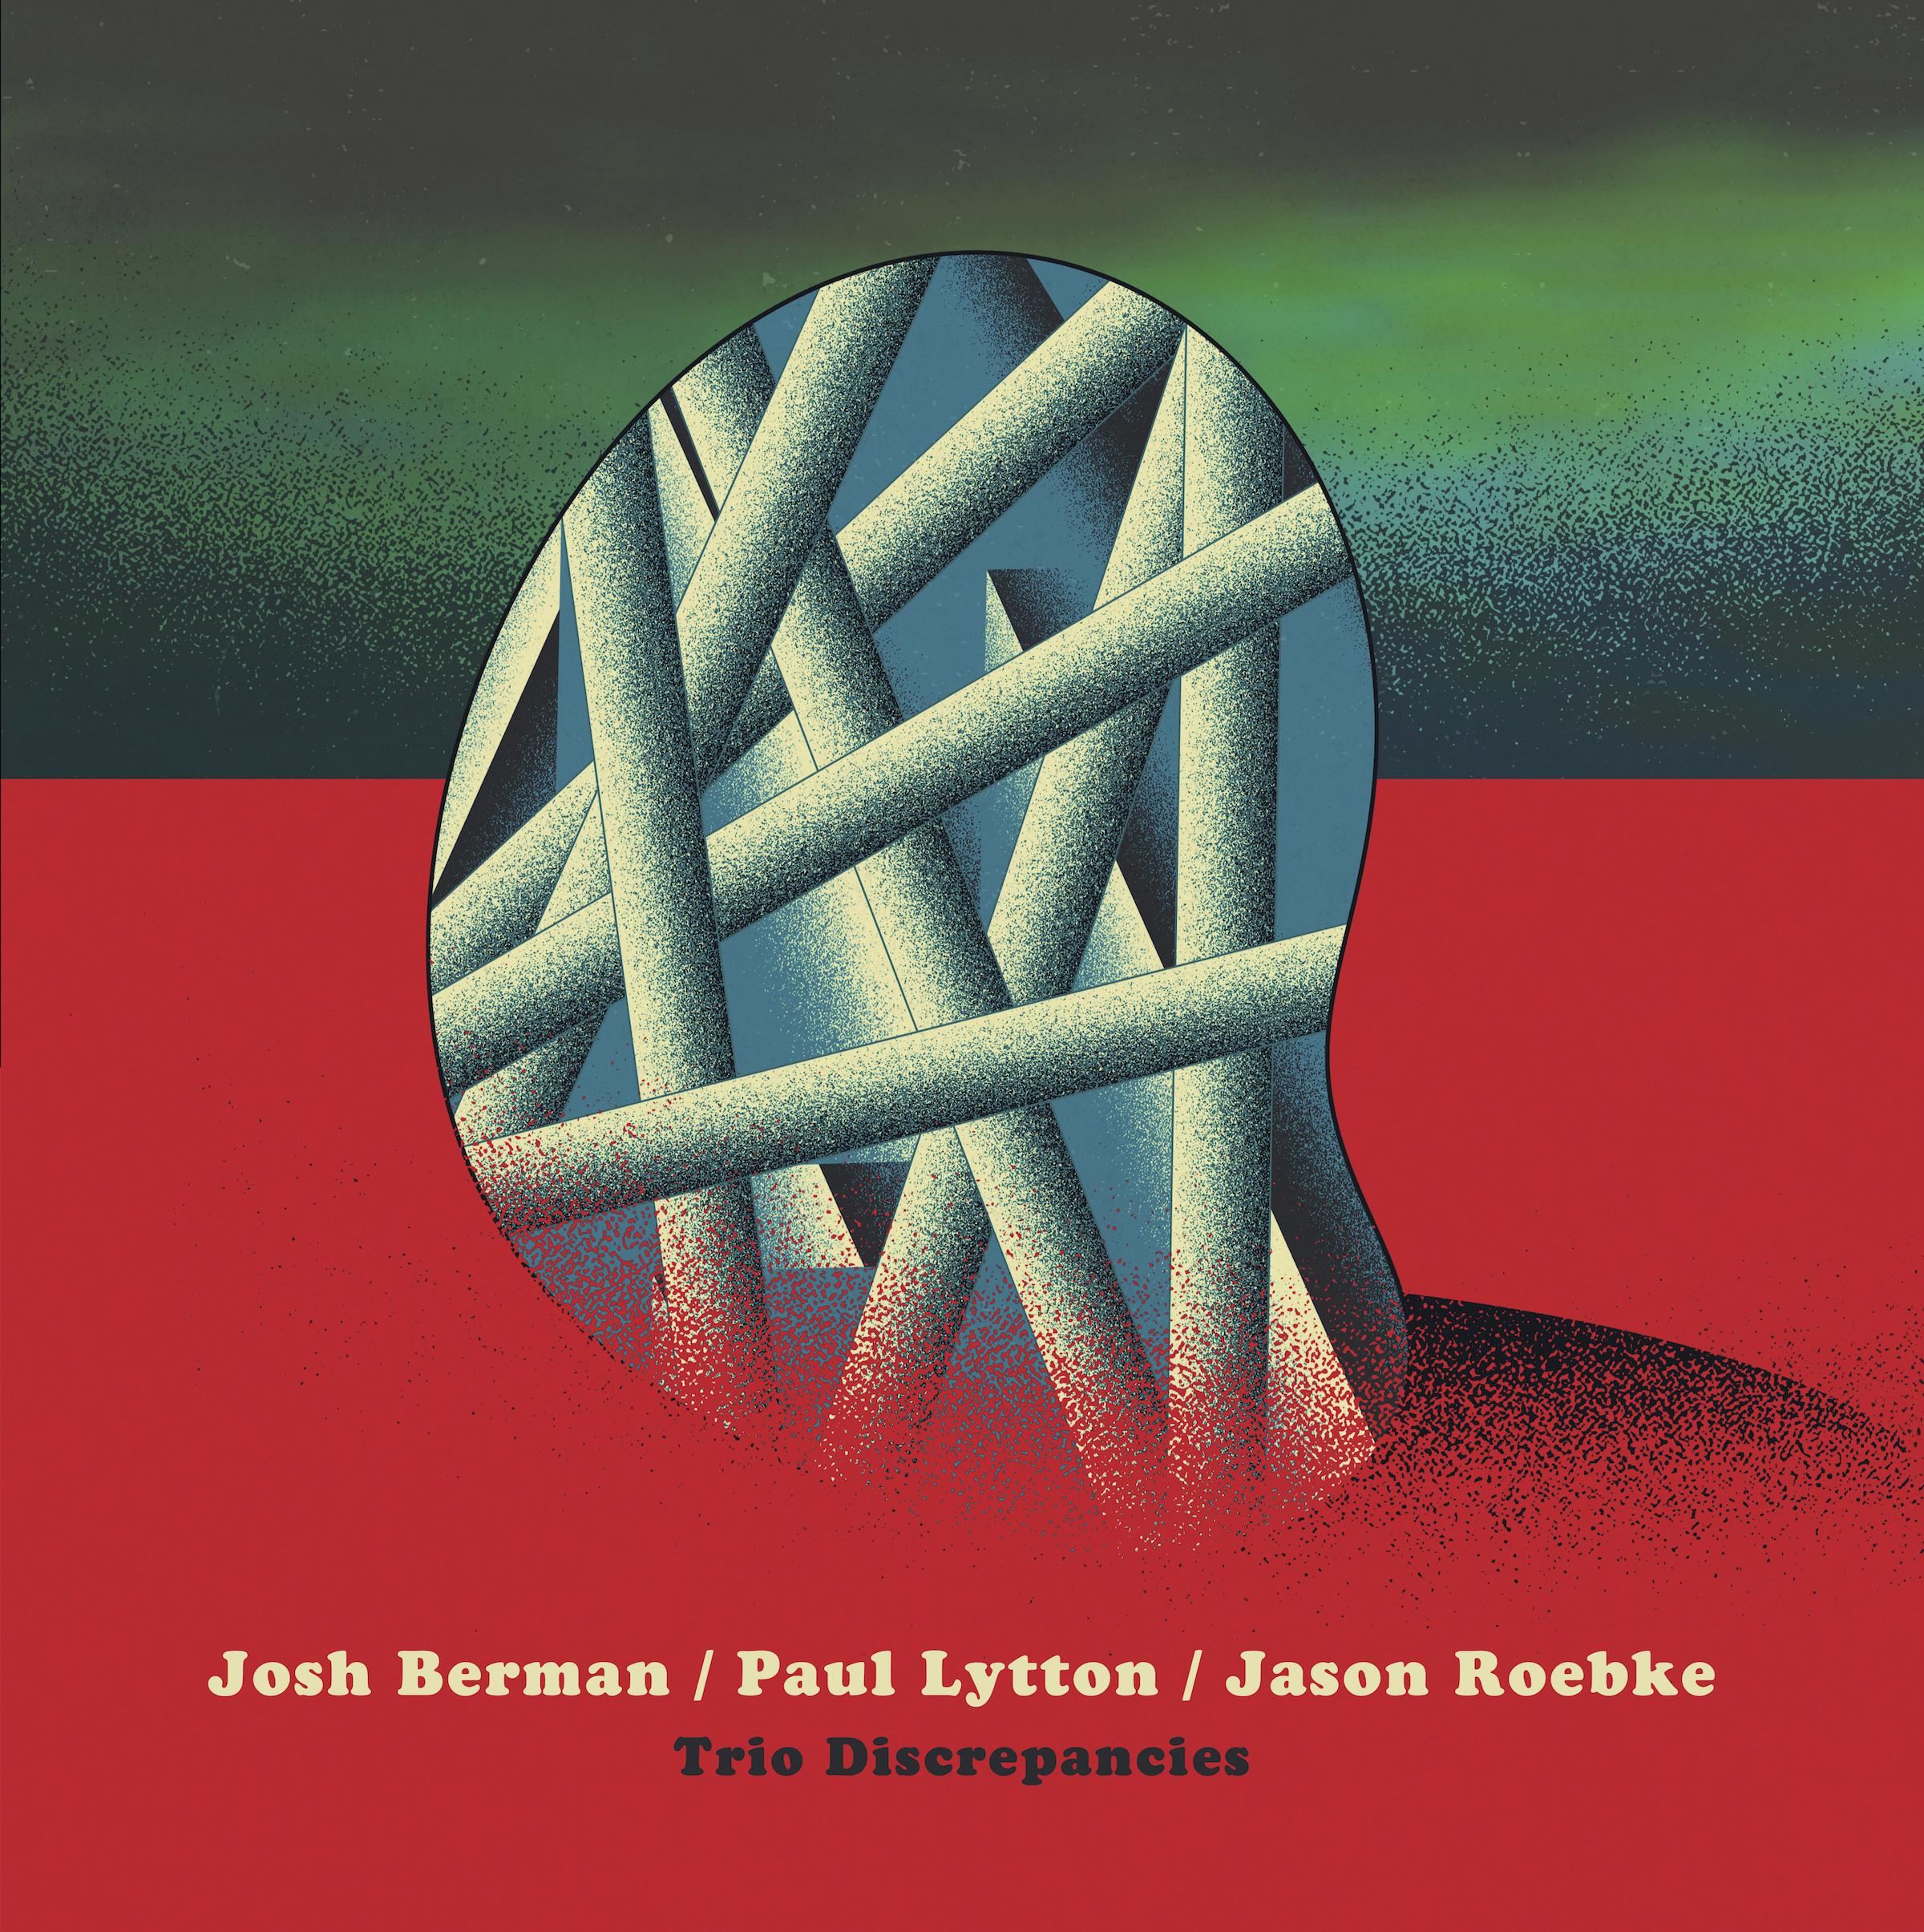 berman LP cover.jpg